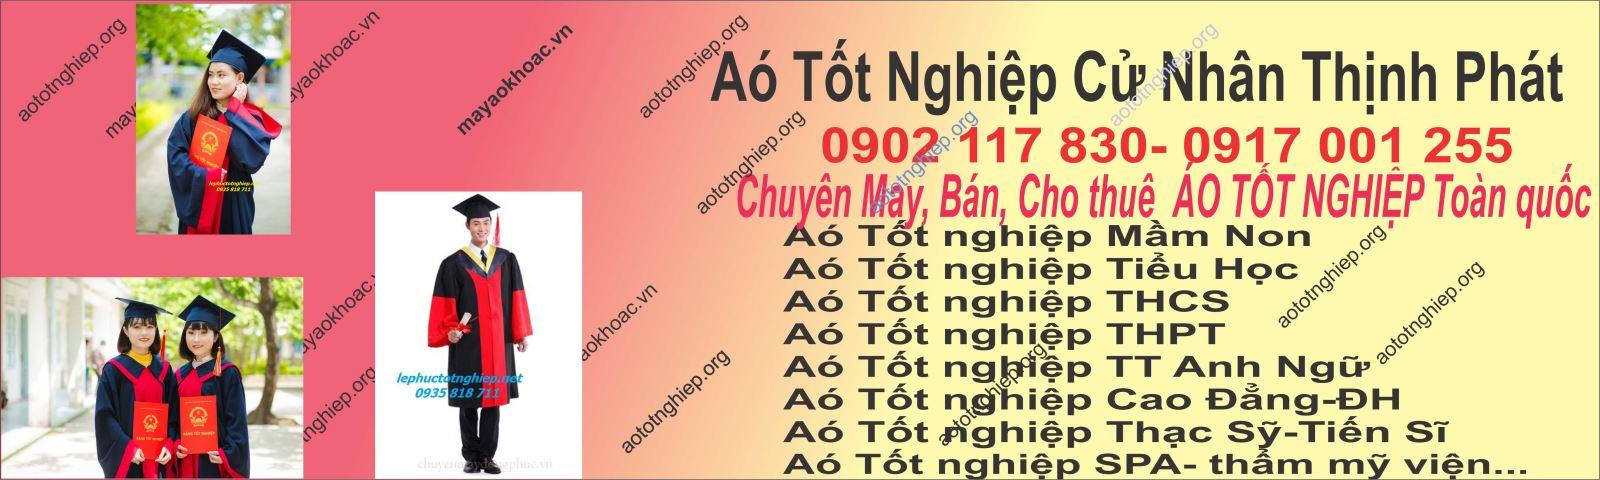 ban ao tot nghiep tai phu nhuan